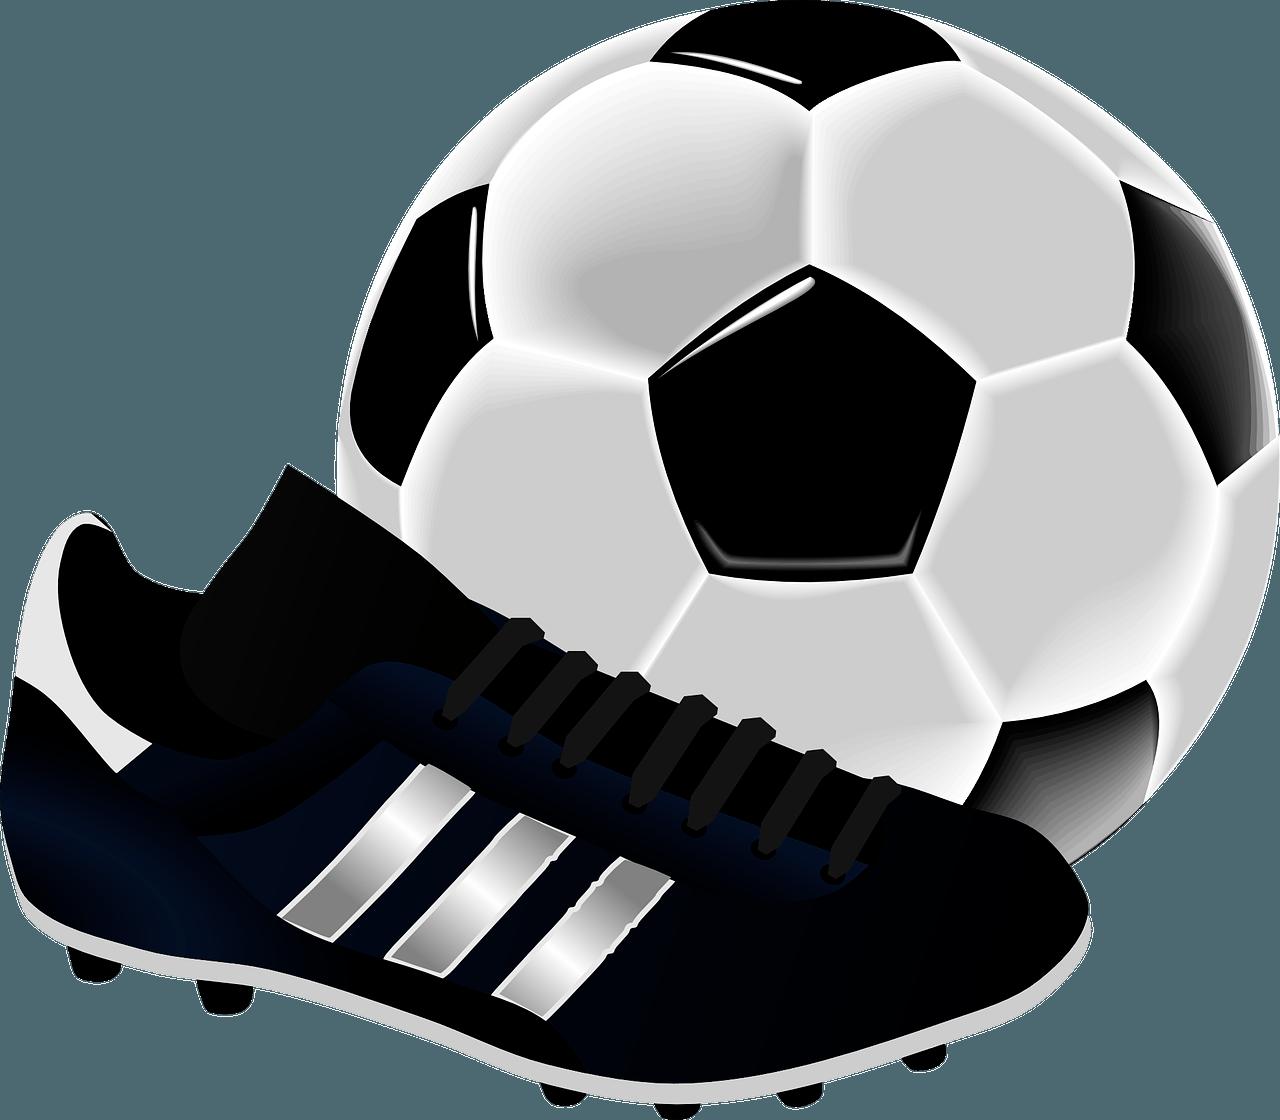 Ausbildung Fußball Flow Akademie, Selbstvertrauen, Selbstbewusstsein